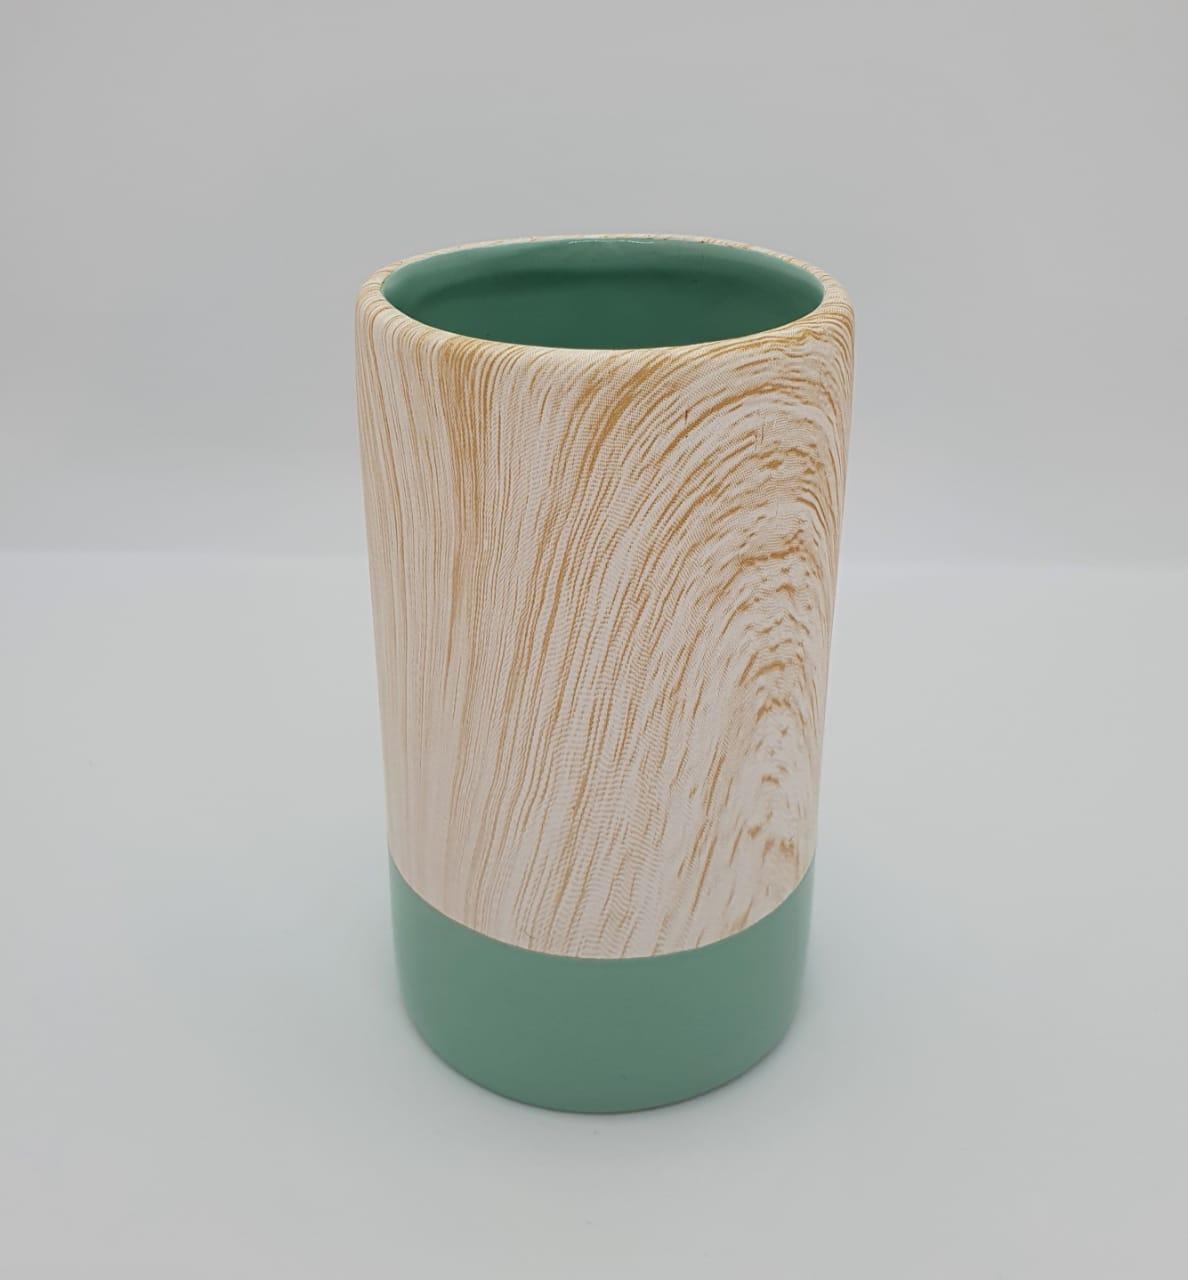 Vaso decorativo em porcelana marmorizado colors - verde